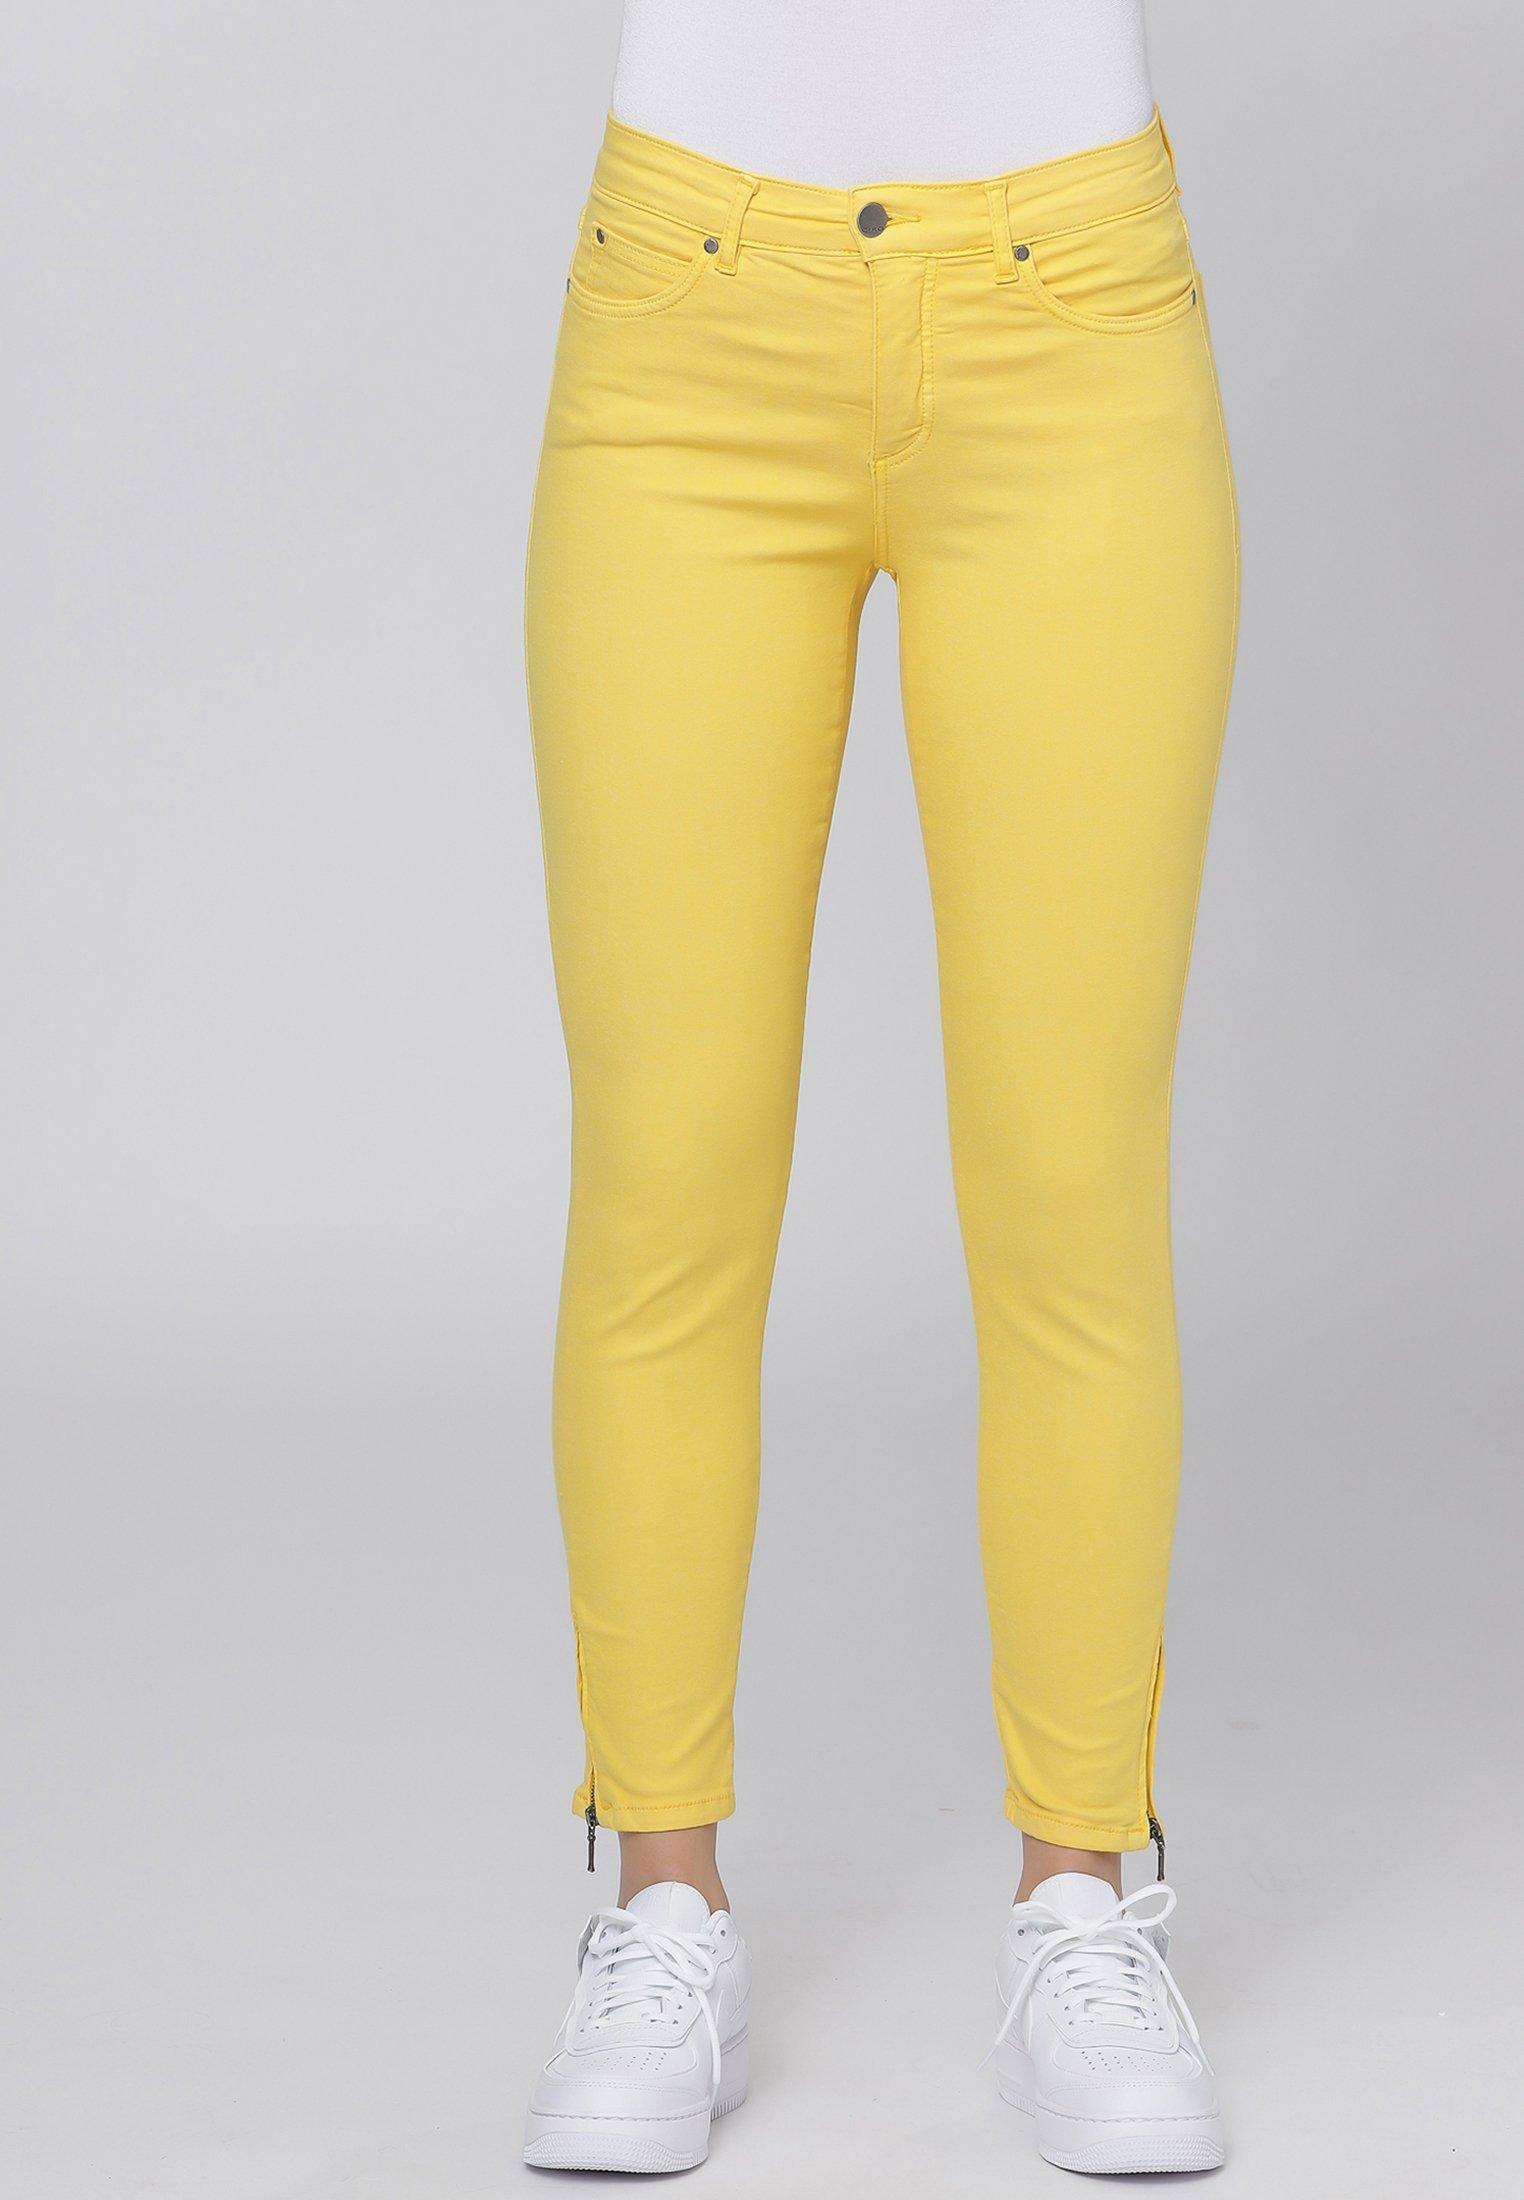 Gele Dames jeans | Spijkerbroeken online kopen | ZALANDO